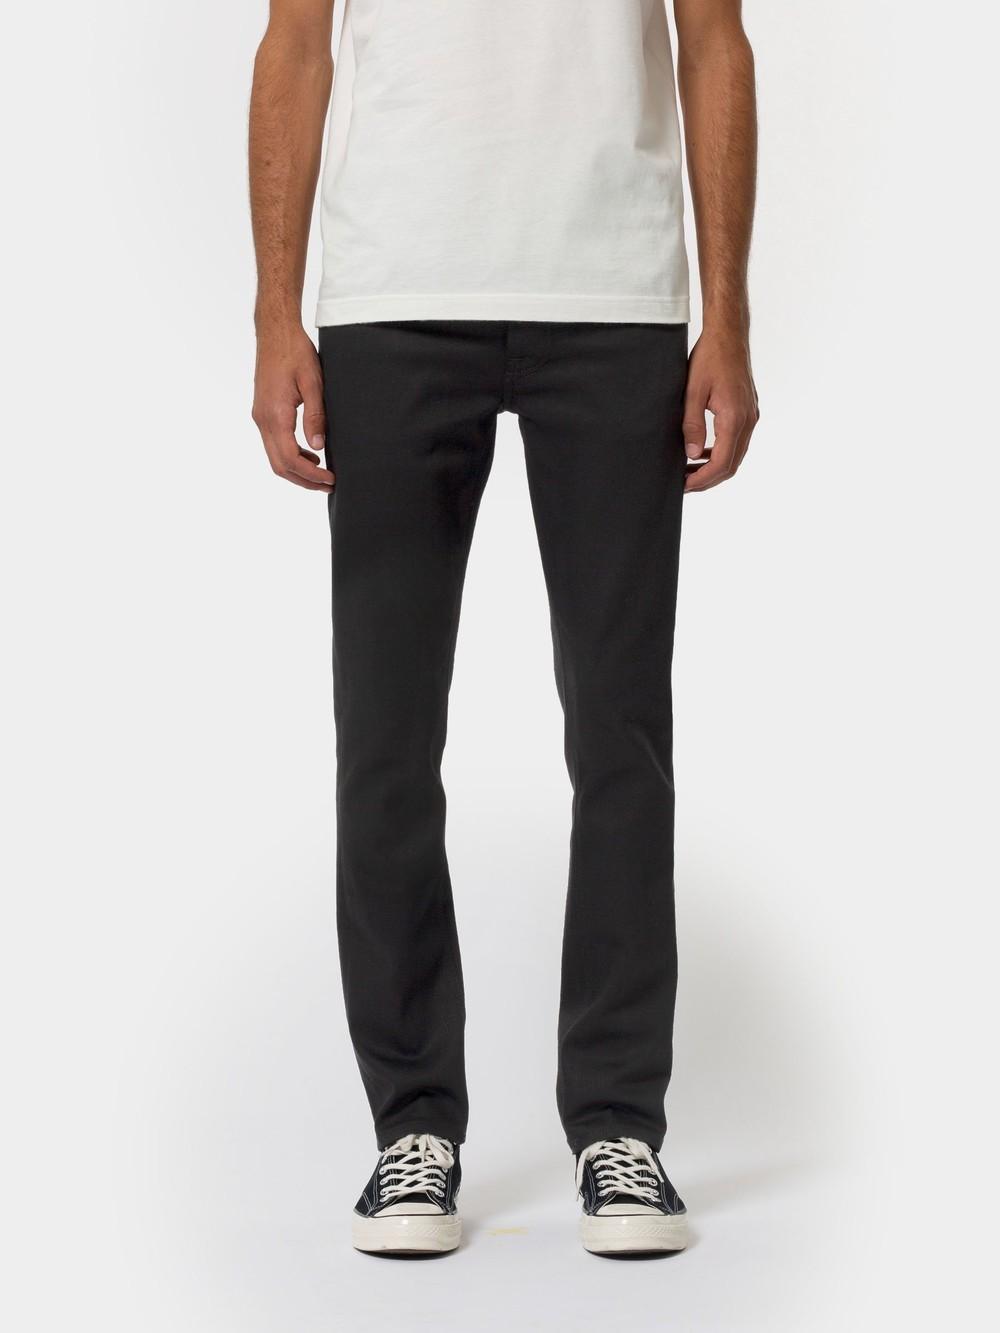 Jean slim noir en coton bio - grim tim dry ever black - Nudie Jeans